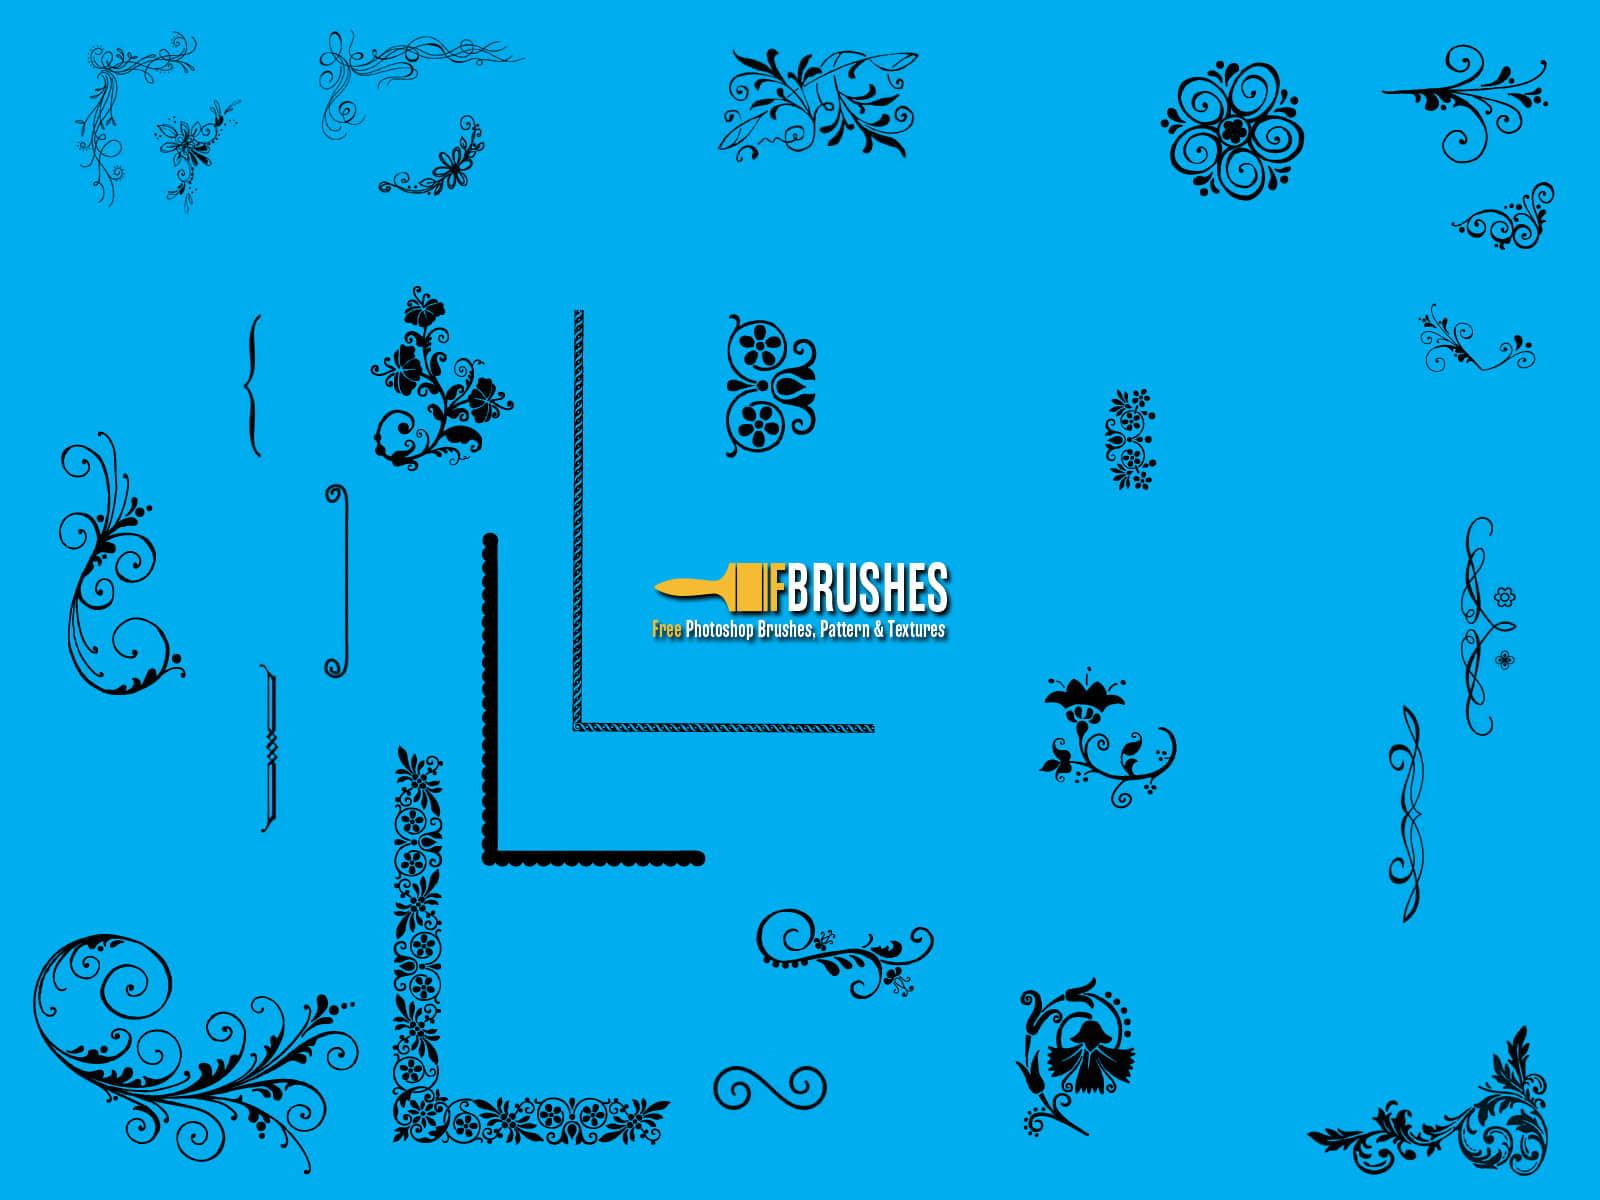 漂亮高贵的植物花纹边框、艺术花纹图案Photoshop笔刷素材 贵族花纹笔刷 植物花纹笔刷 印花笔刷  adornment brushes flowers brushes